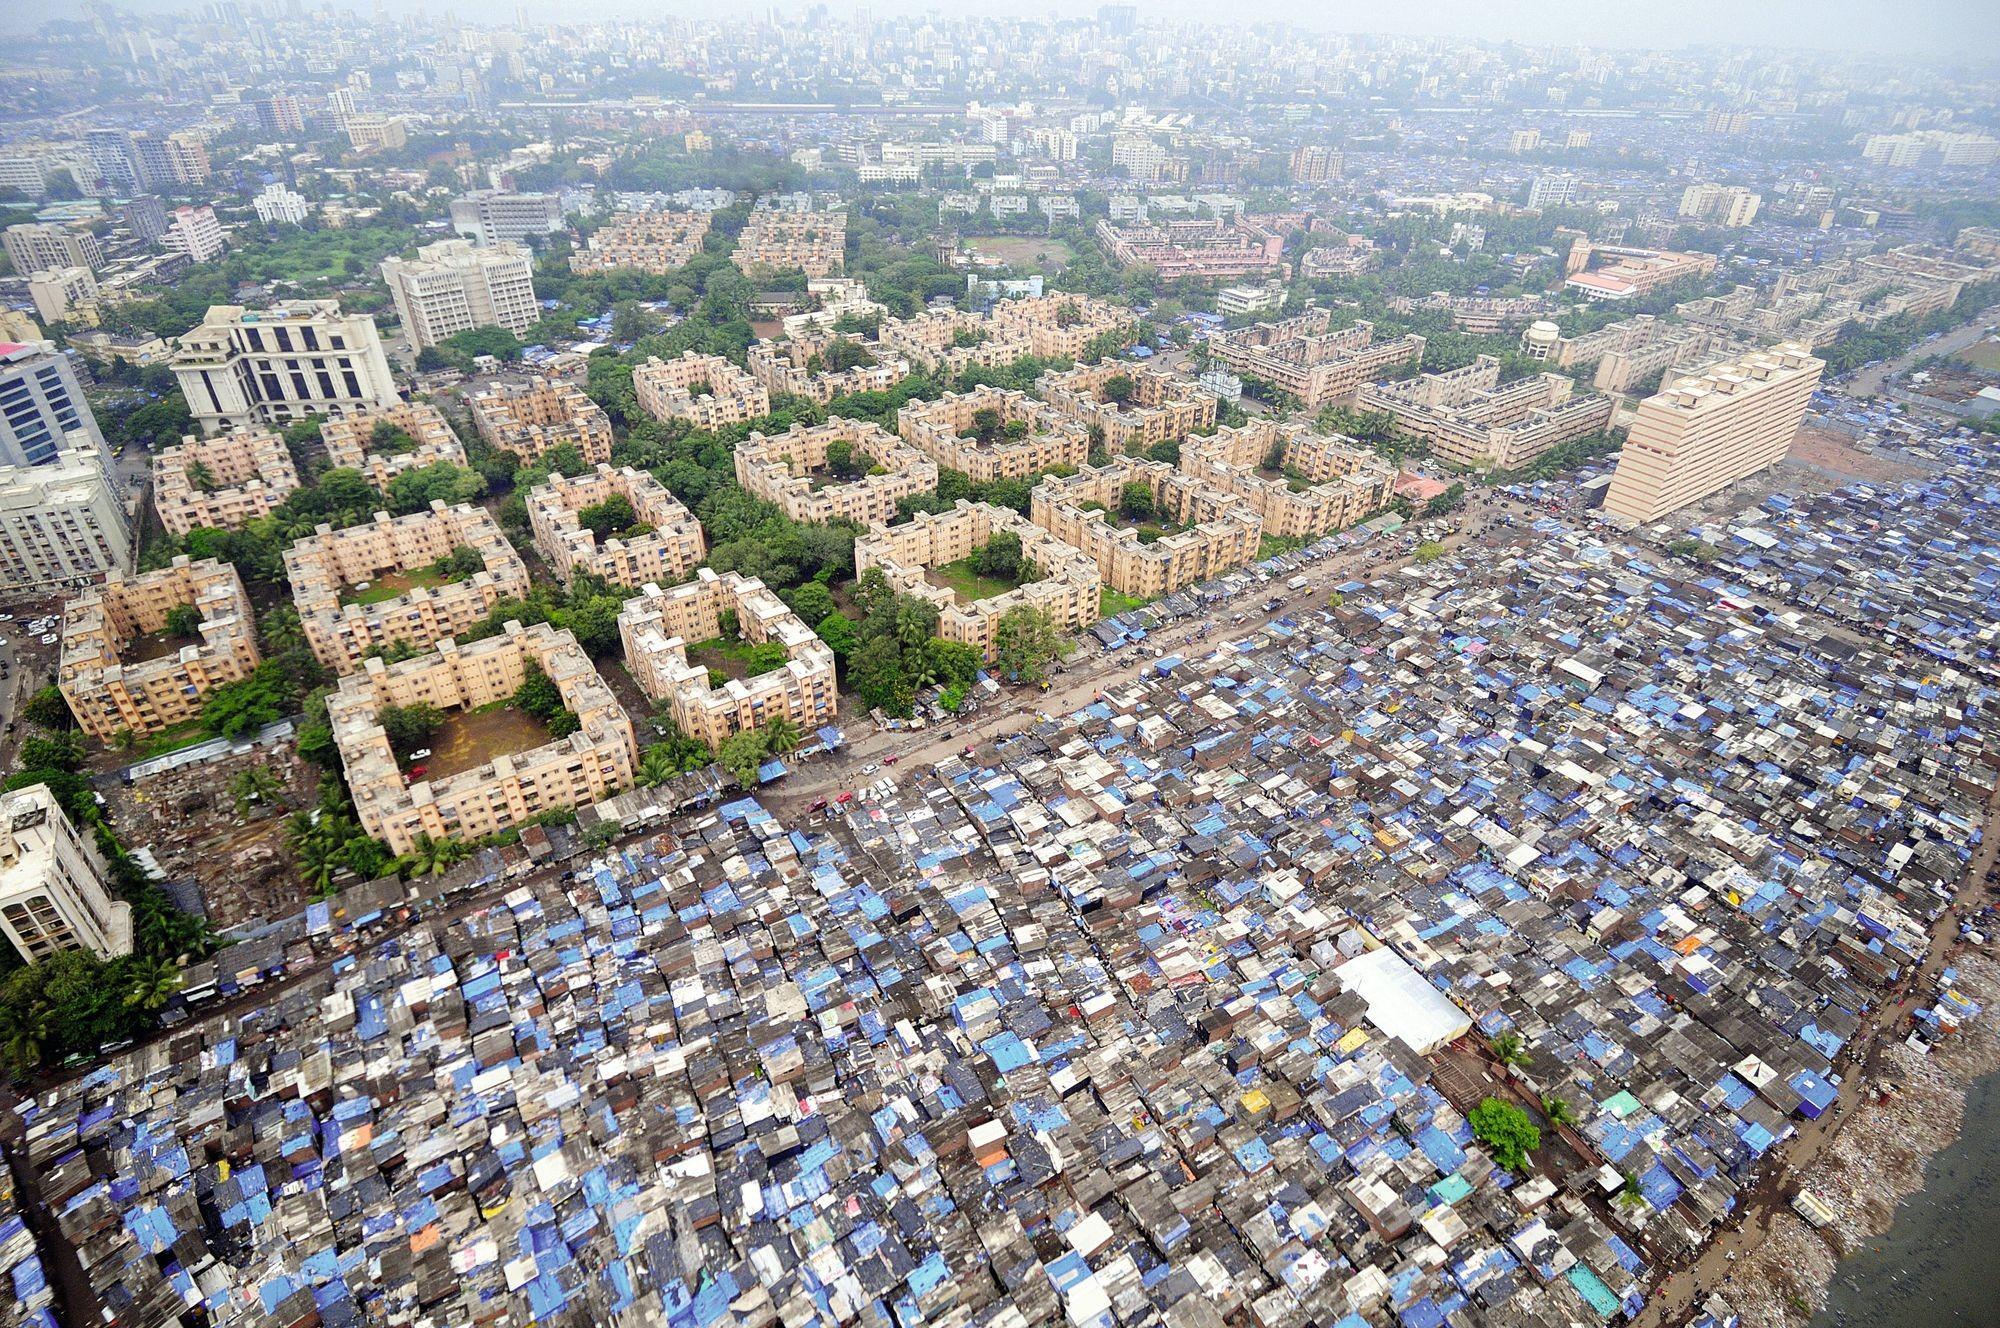 Des inégalités visibles dans le paysage de Mumbai